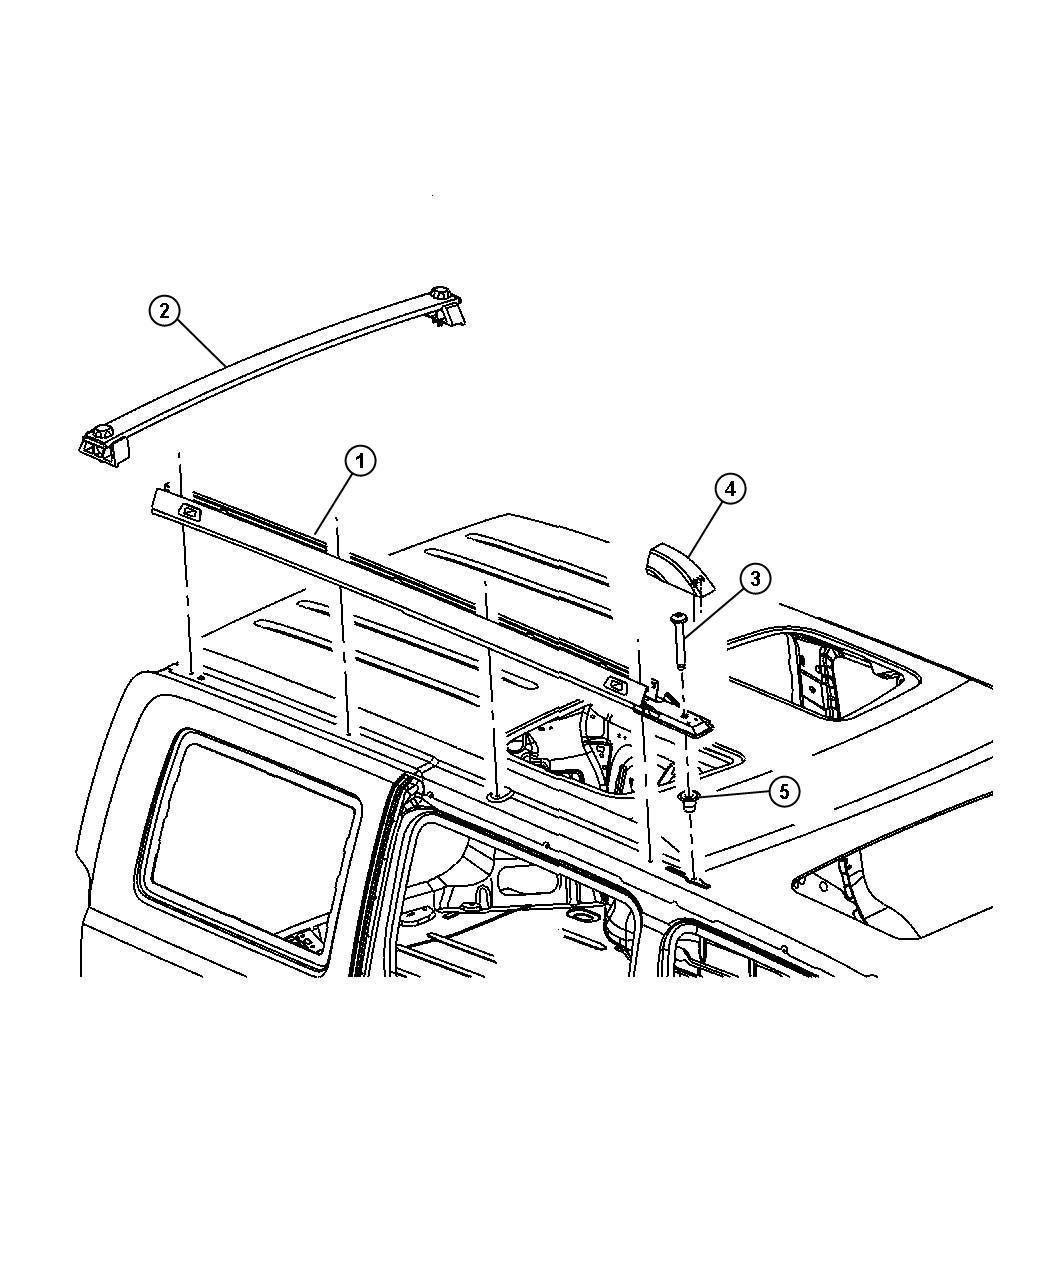 chrysler roof rack diagram